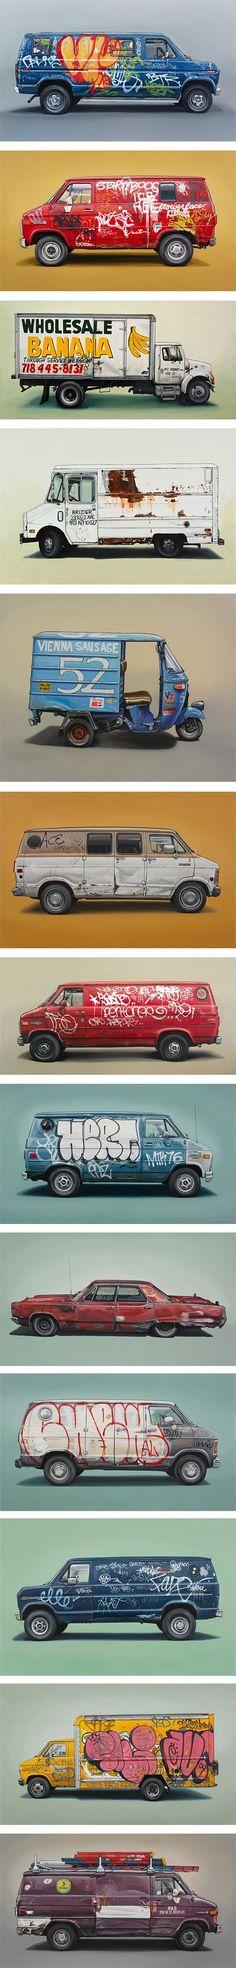 Furgonetas con graffiti